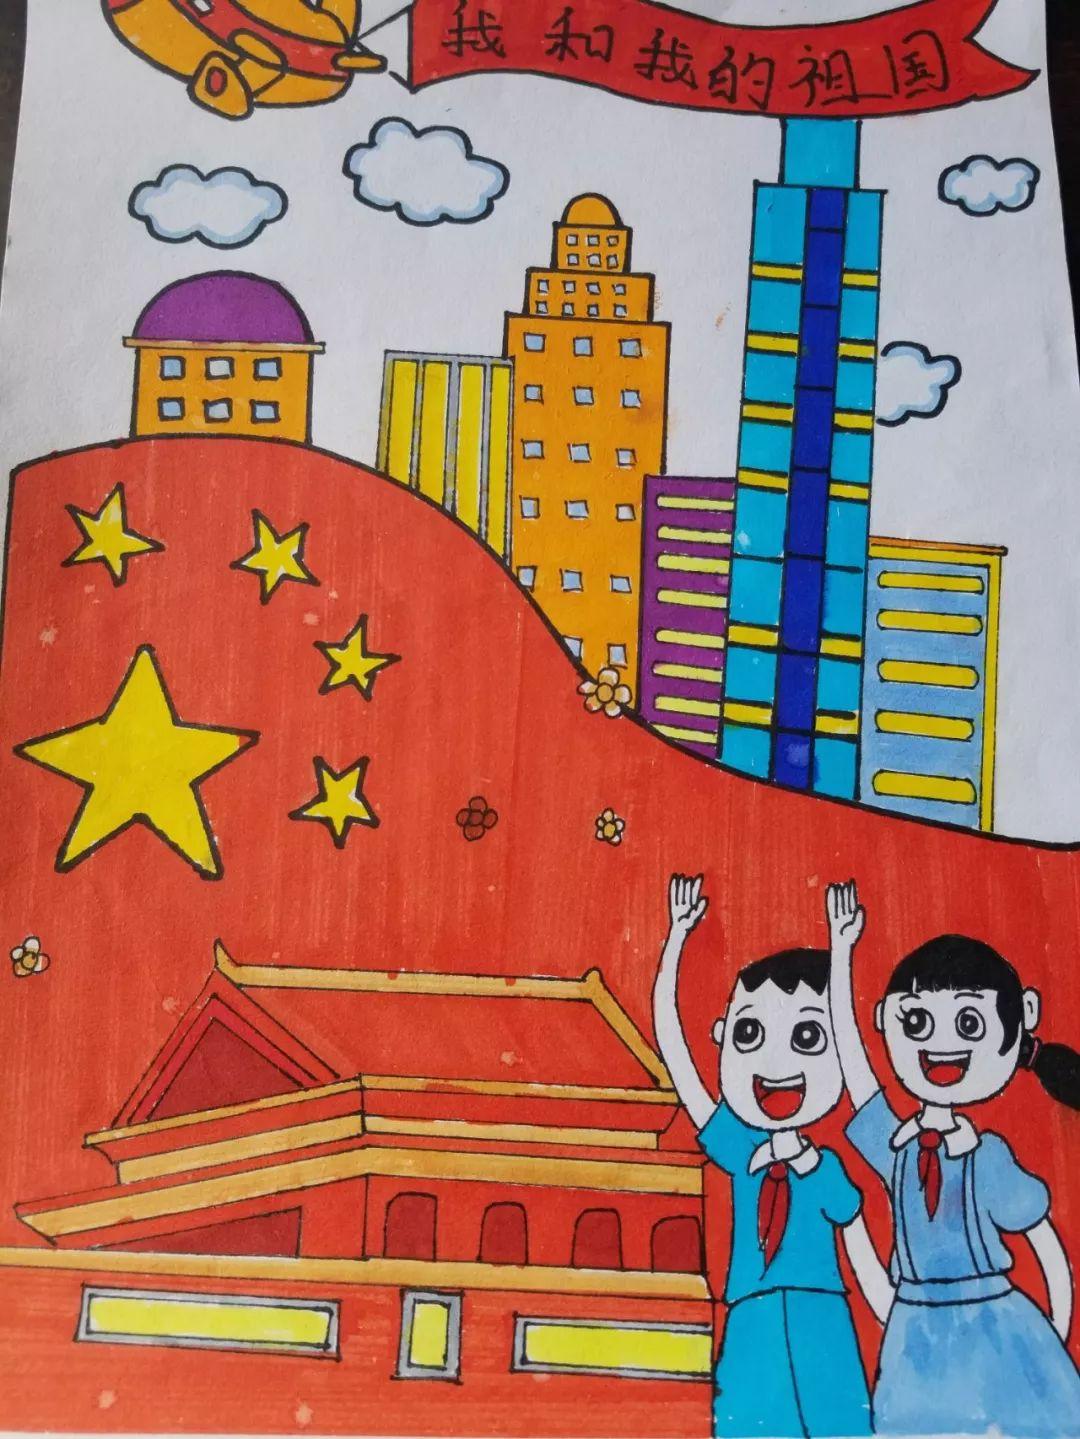 我和我的祖国绘画美术